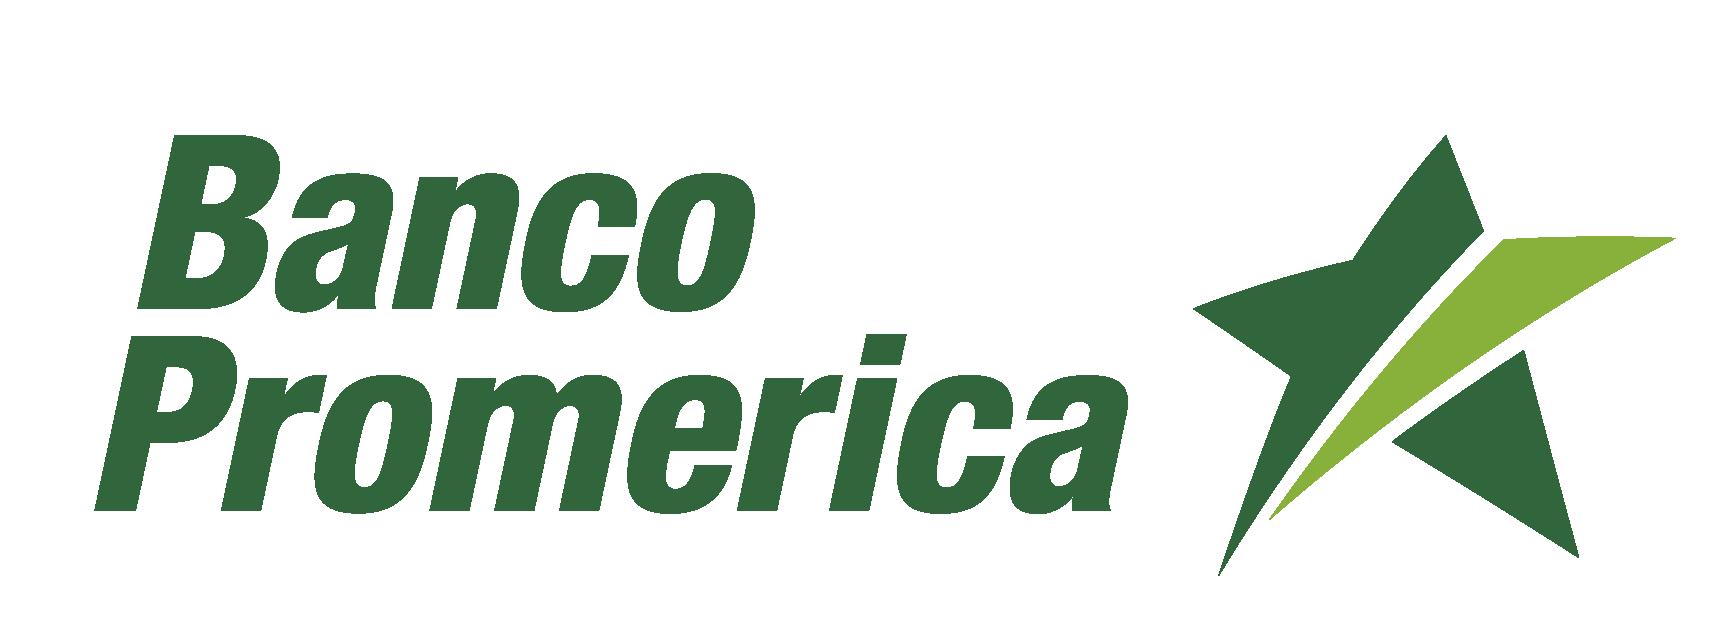 Promerica_ACFTechnologies_español_gestion_de_colas_2021_logo